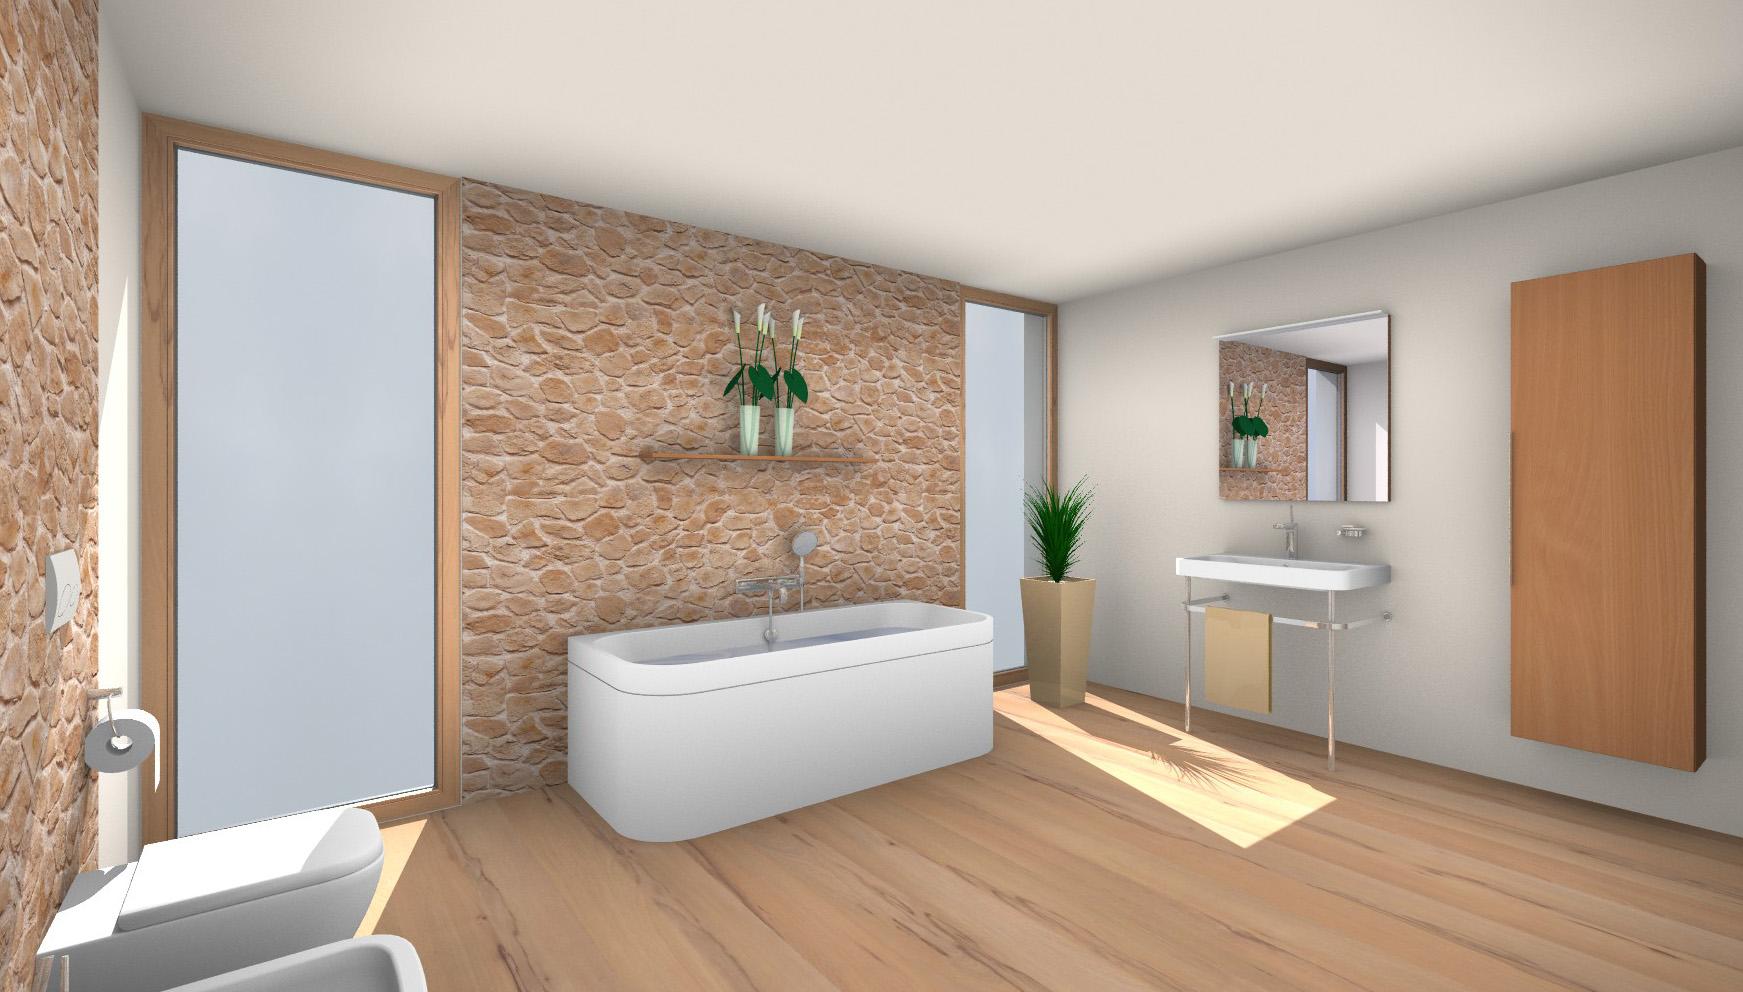 dessiner salle de bain en ligne best my lodge sanijura with dessiner salle de bain en ligne. Black Bedroom Furniture Sets. Home Design Ideas